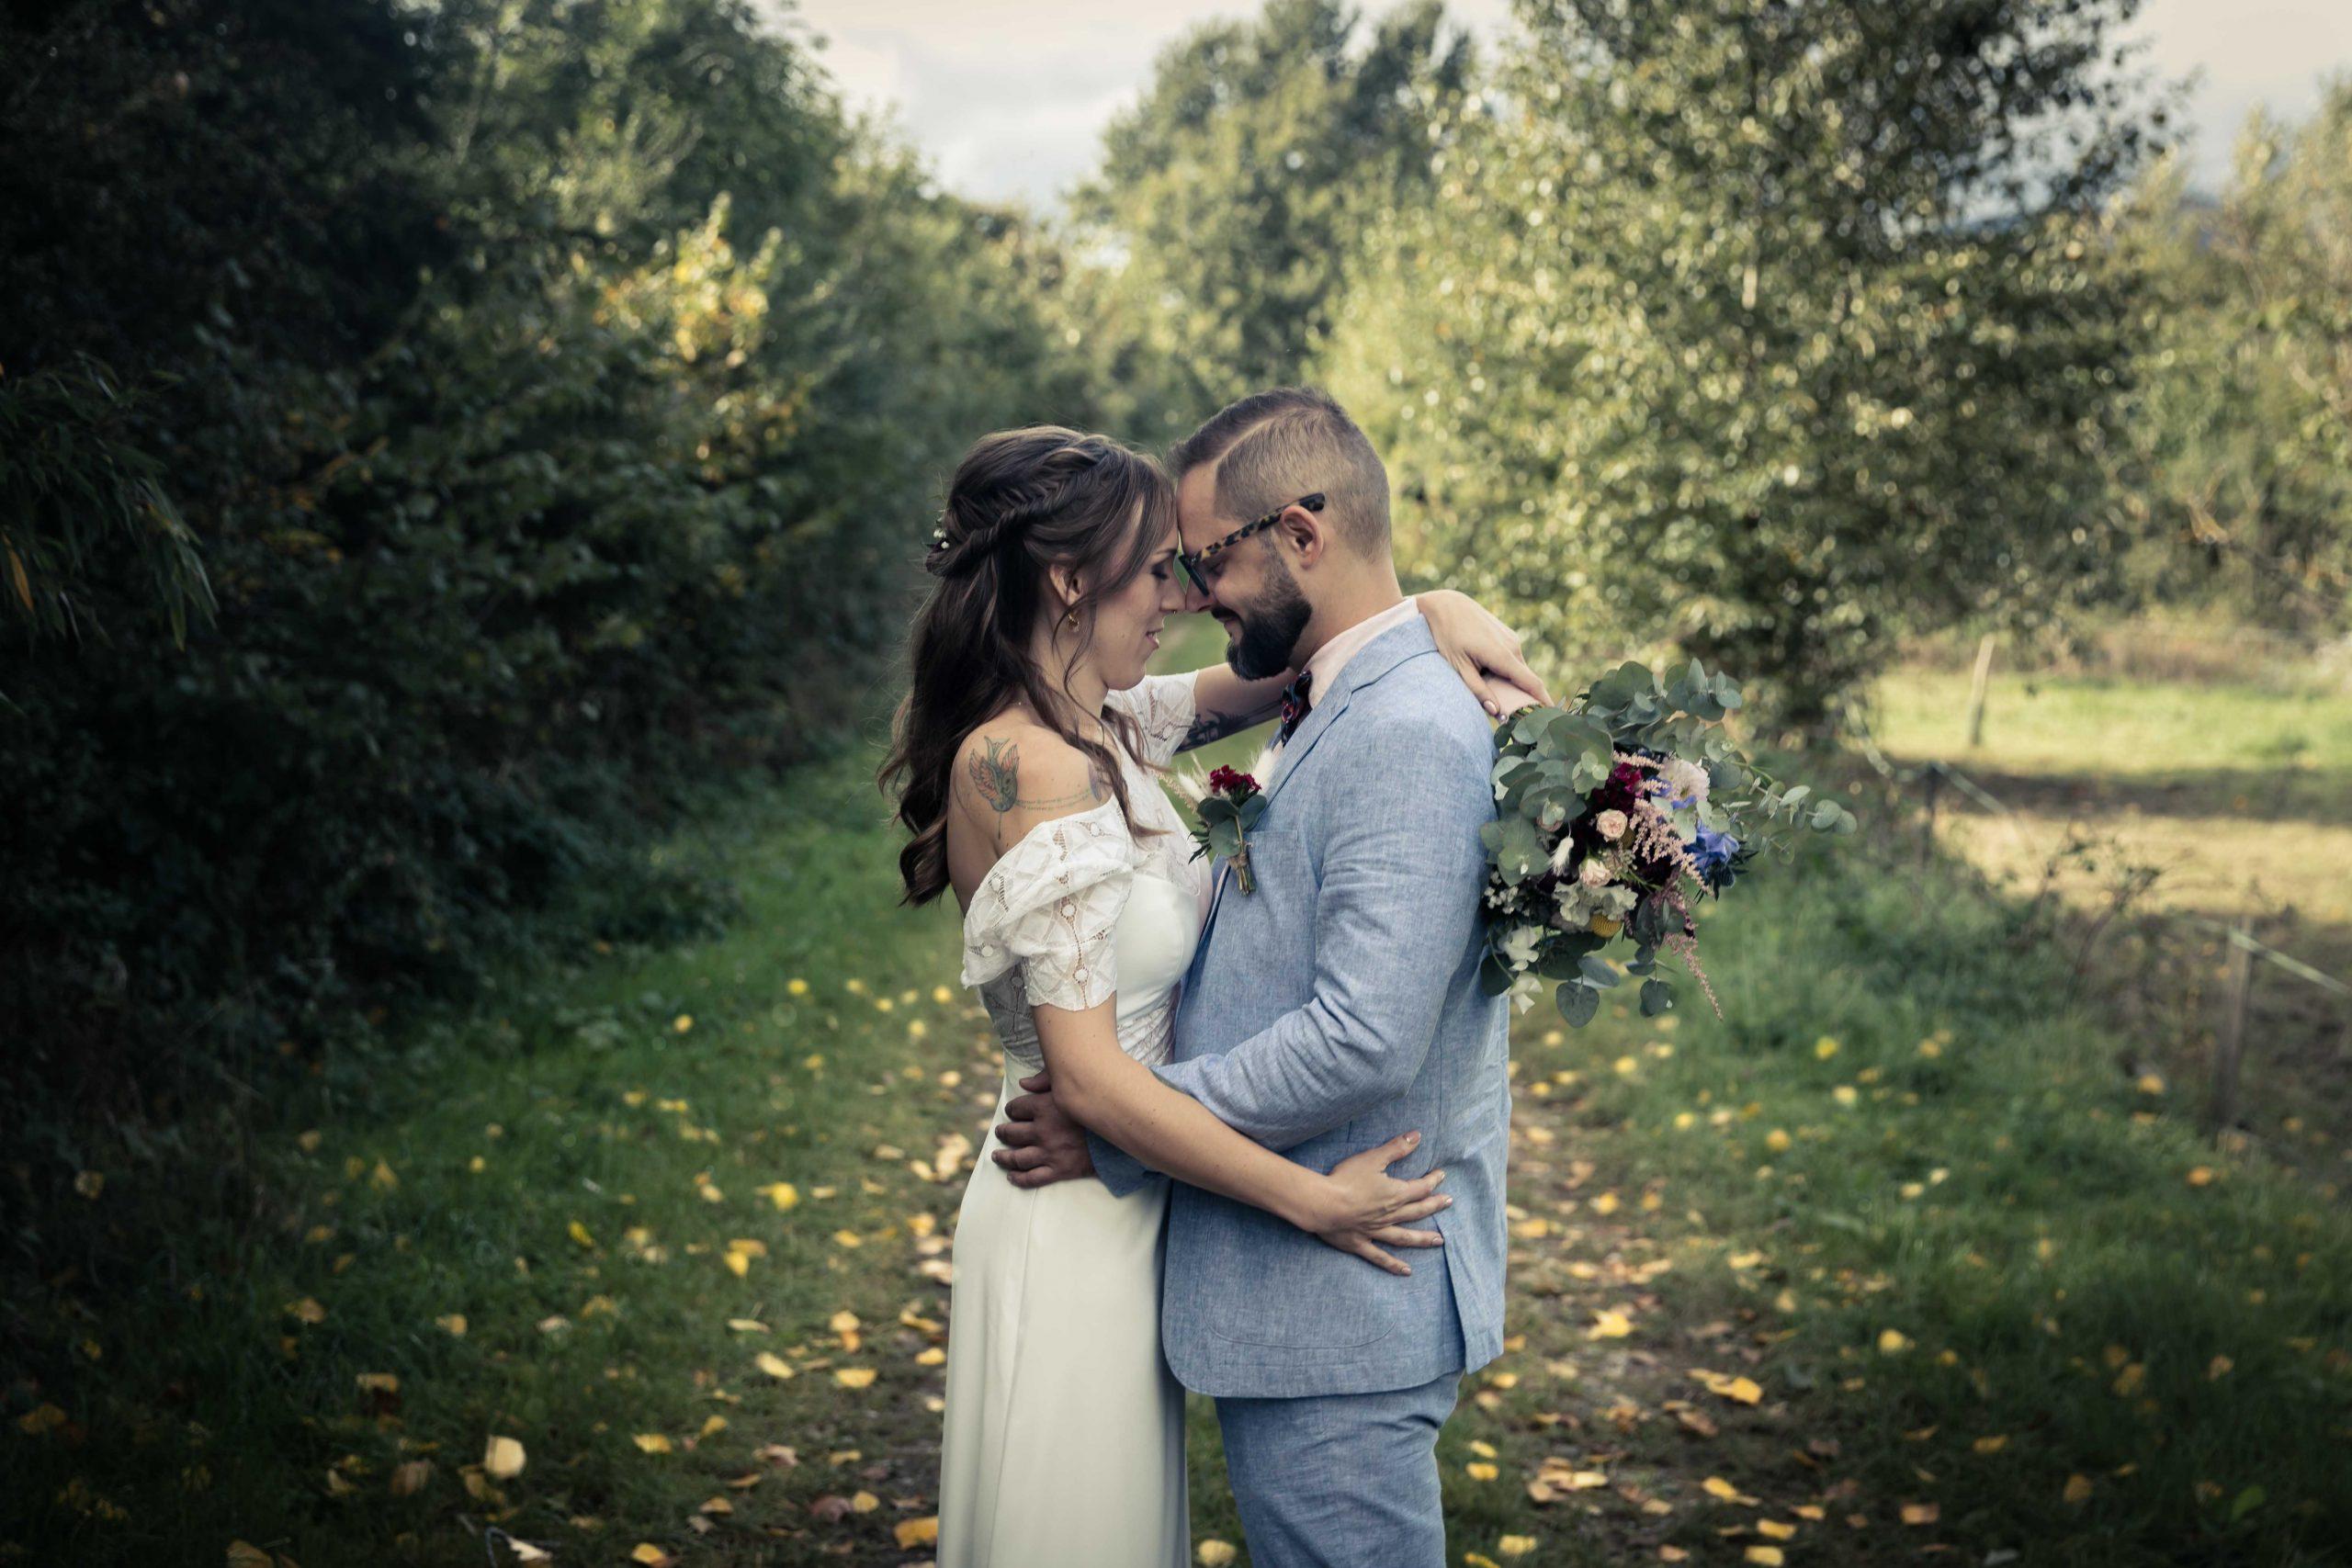 séance photo de la mariage au domaien Saint-Loup à Michelbach dan sle Haut-Rhin